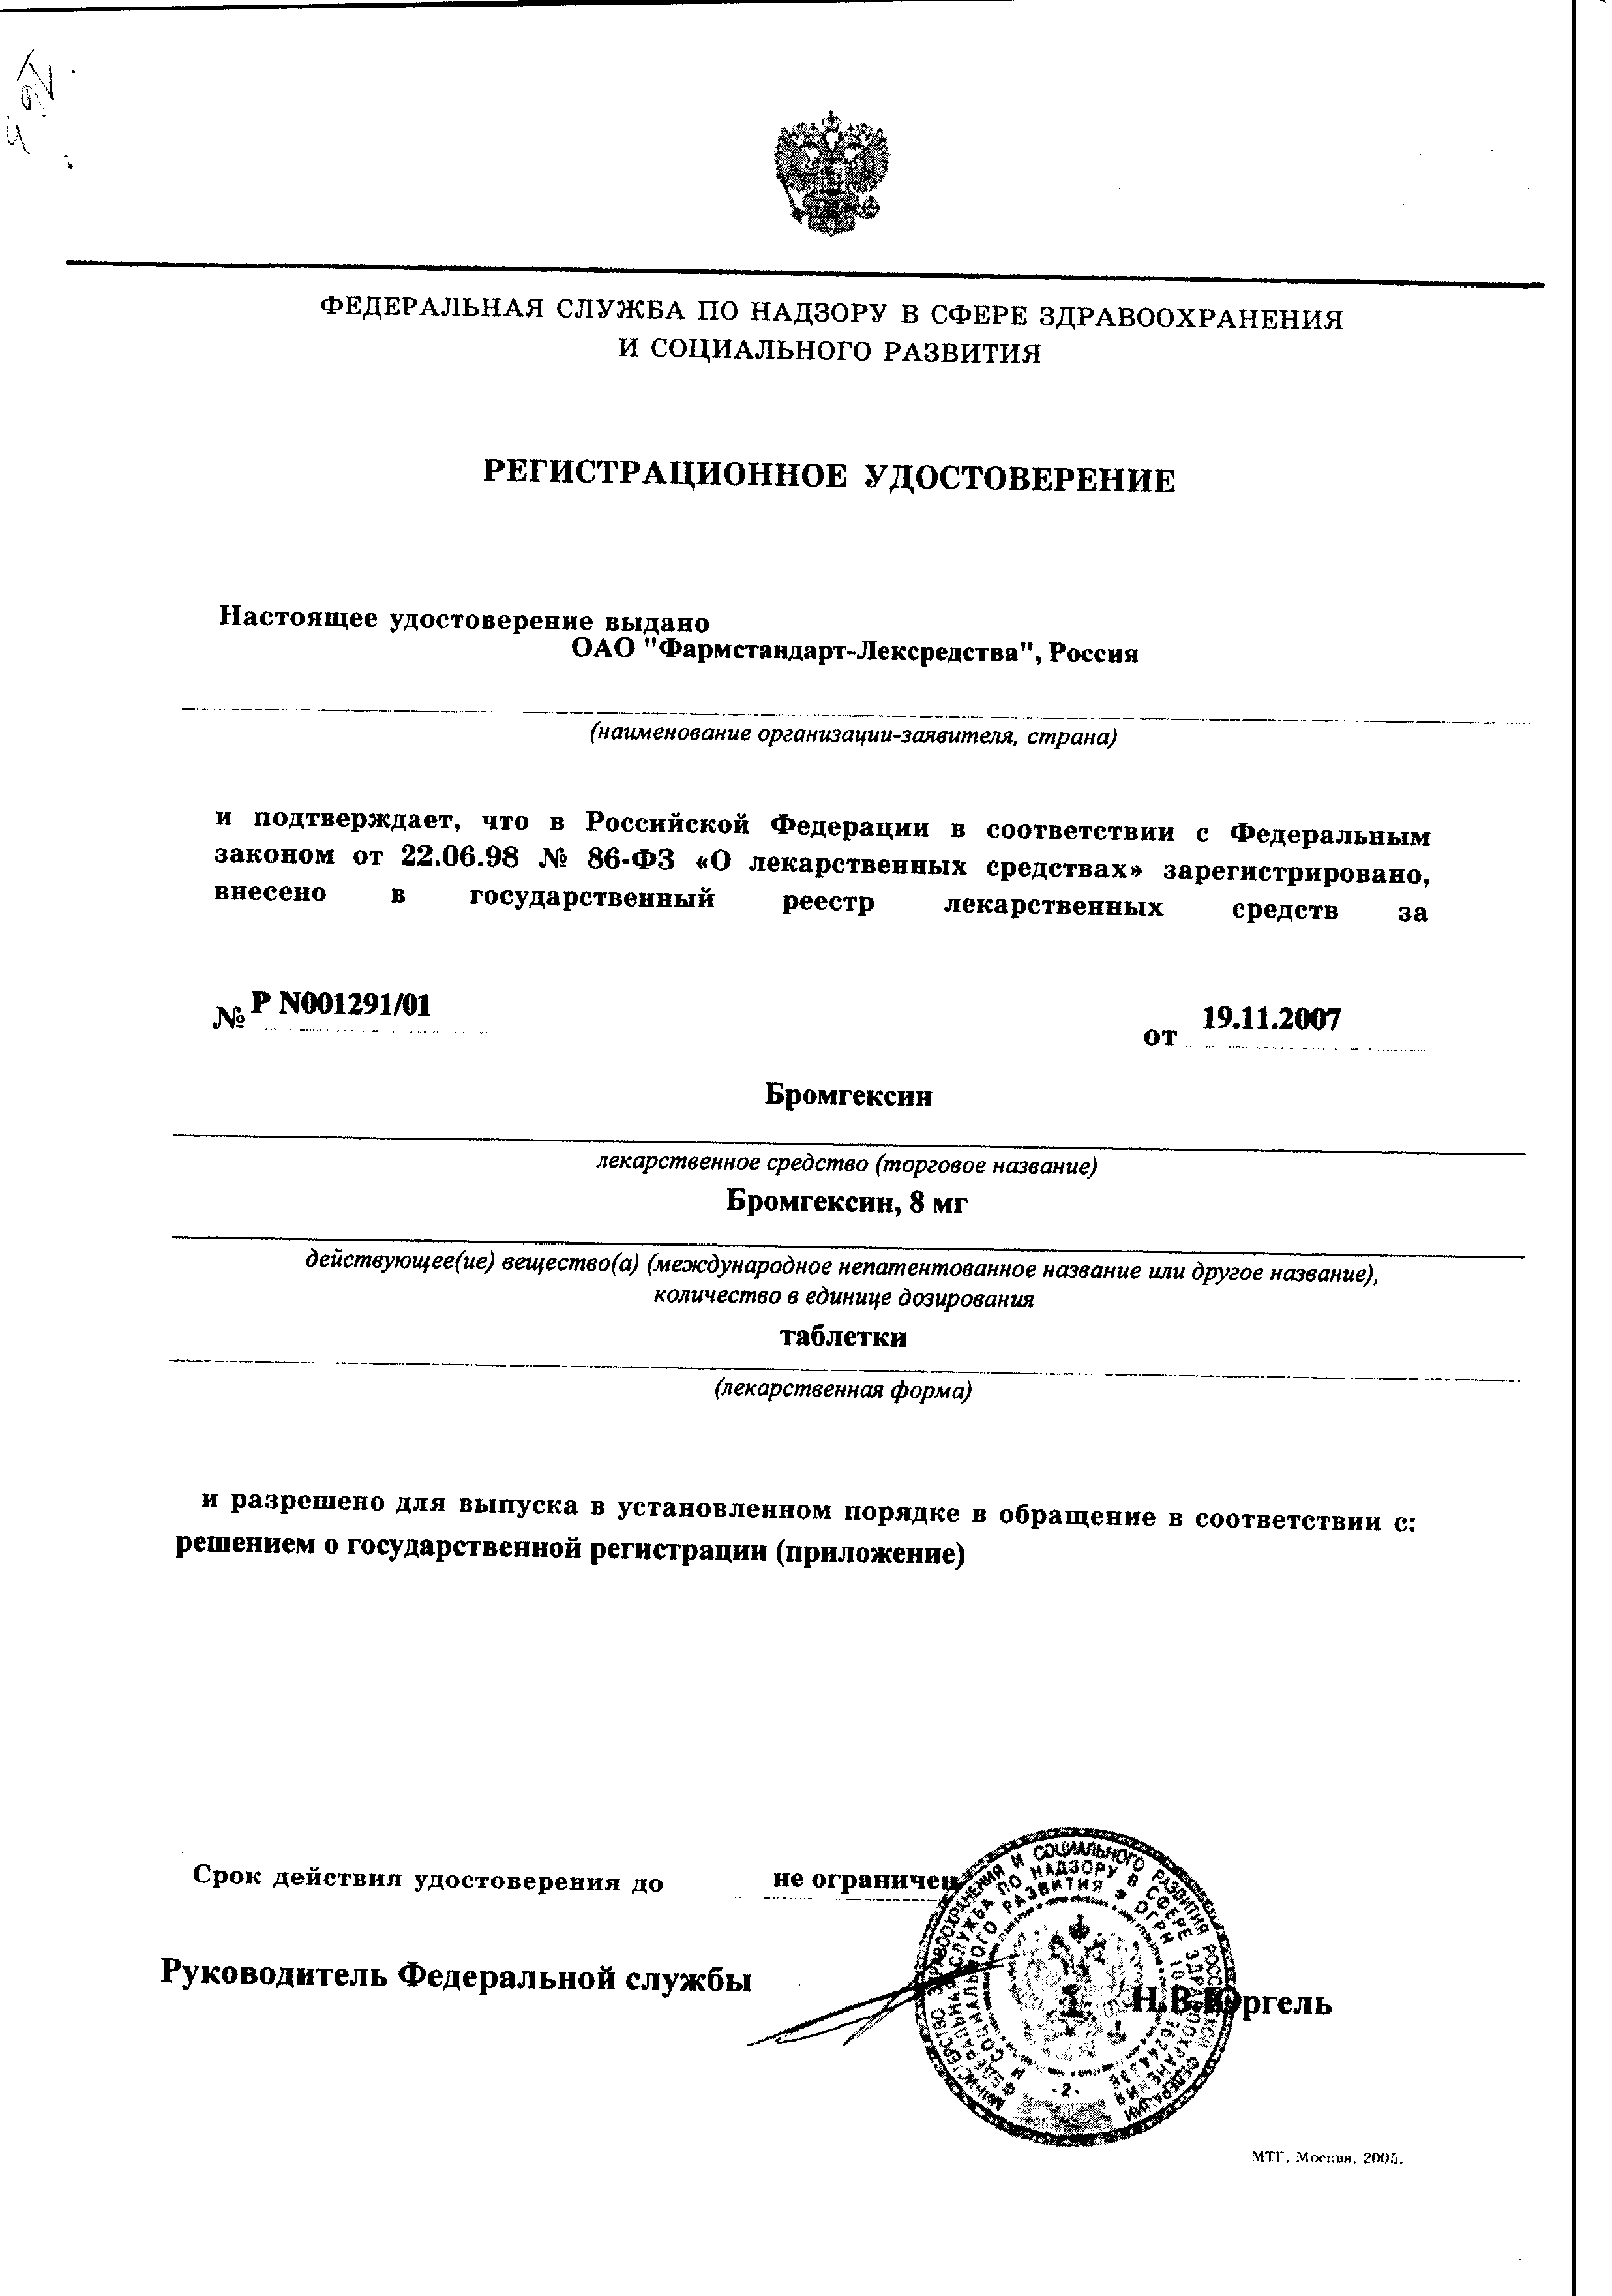 Бромгексин сертификат